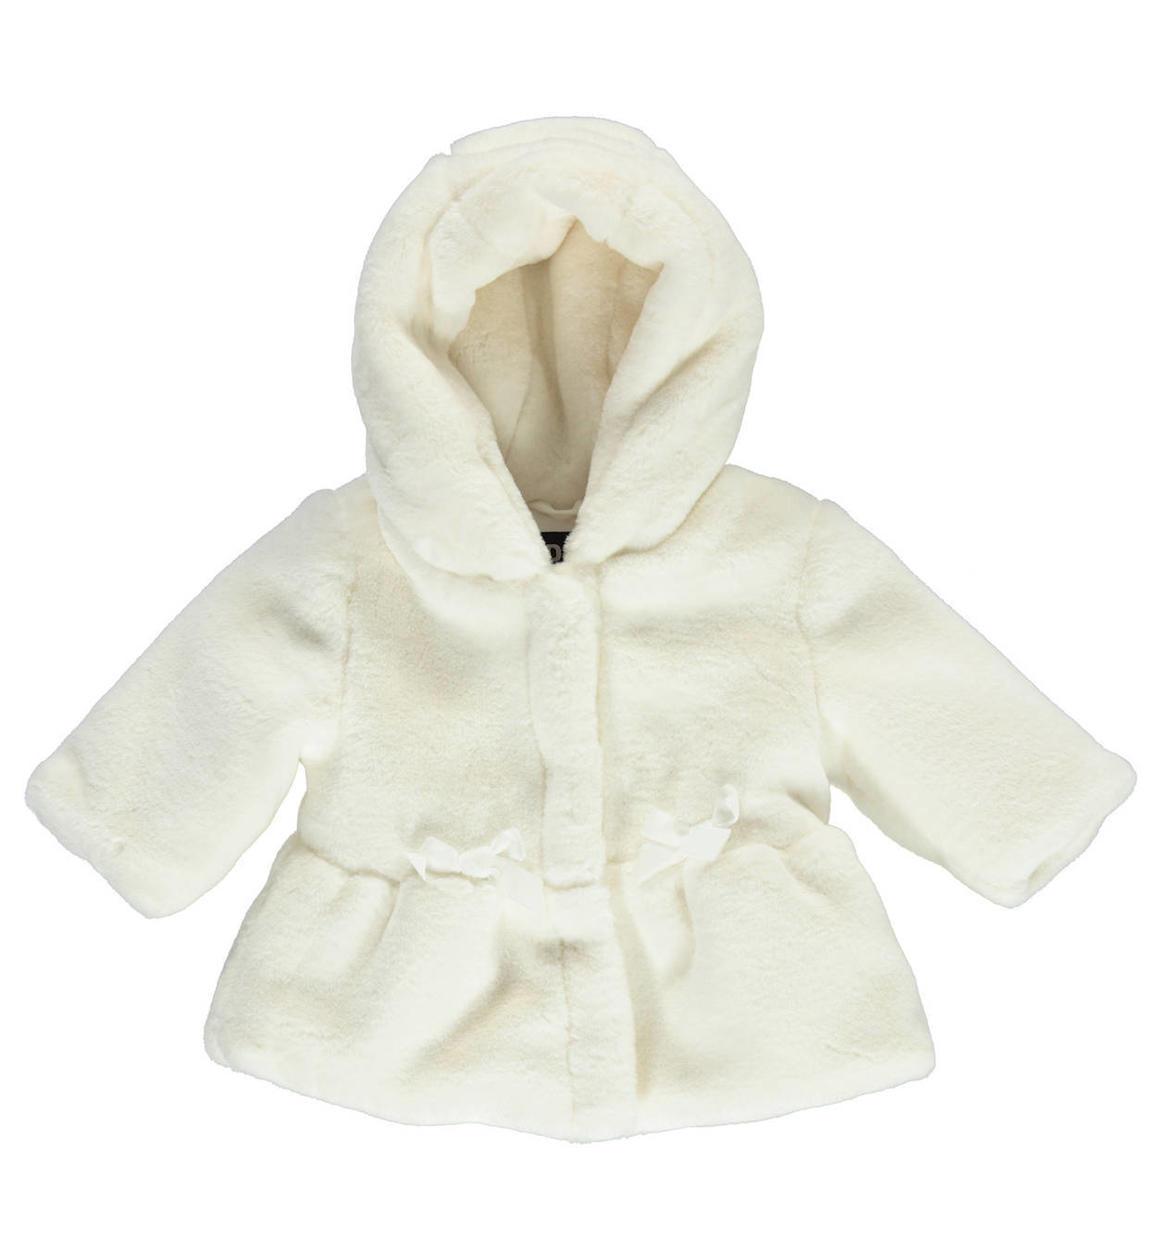 san francisco 17df7 285fd Elegante giacca in pelliccia ecologica con cappuccio per neonata da 0 a 18  mesi iDO